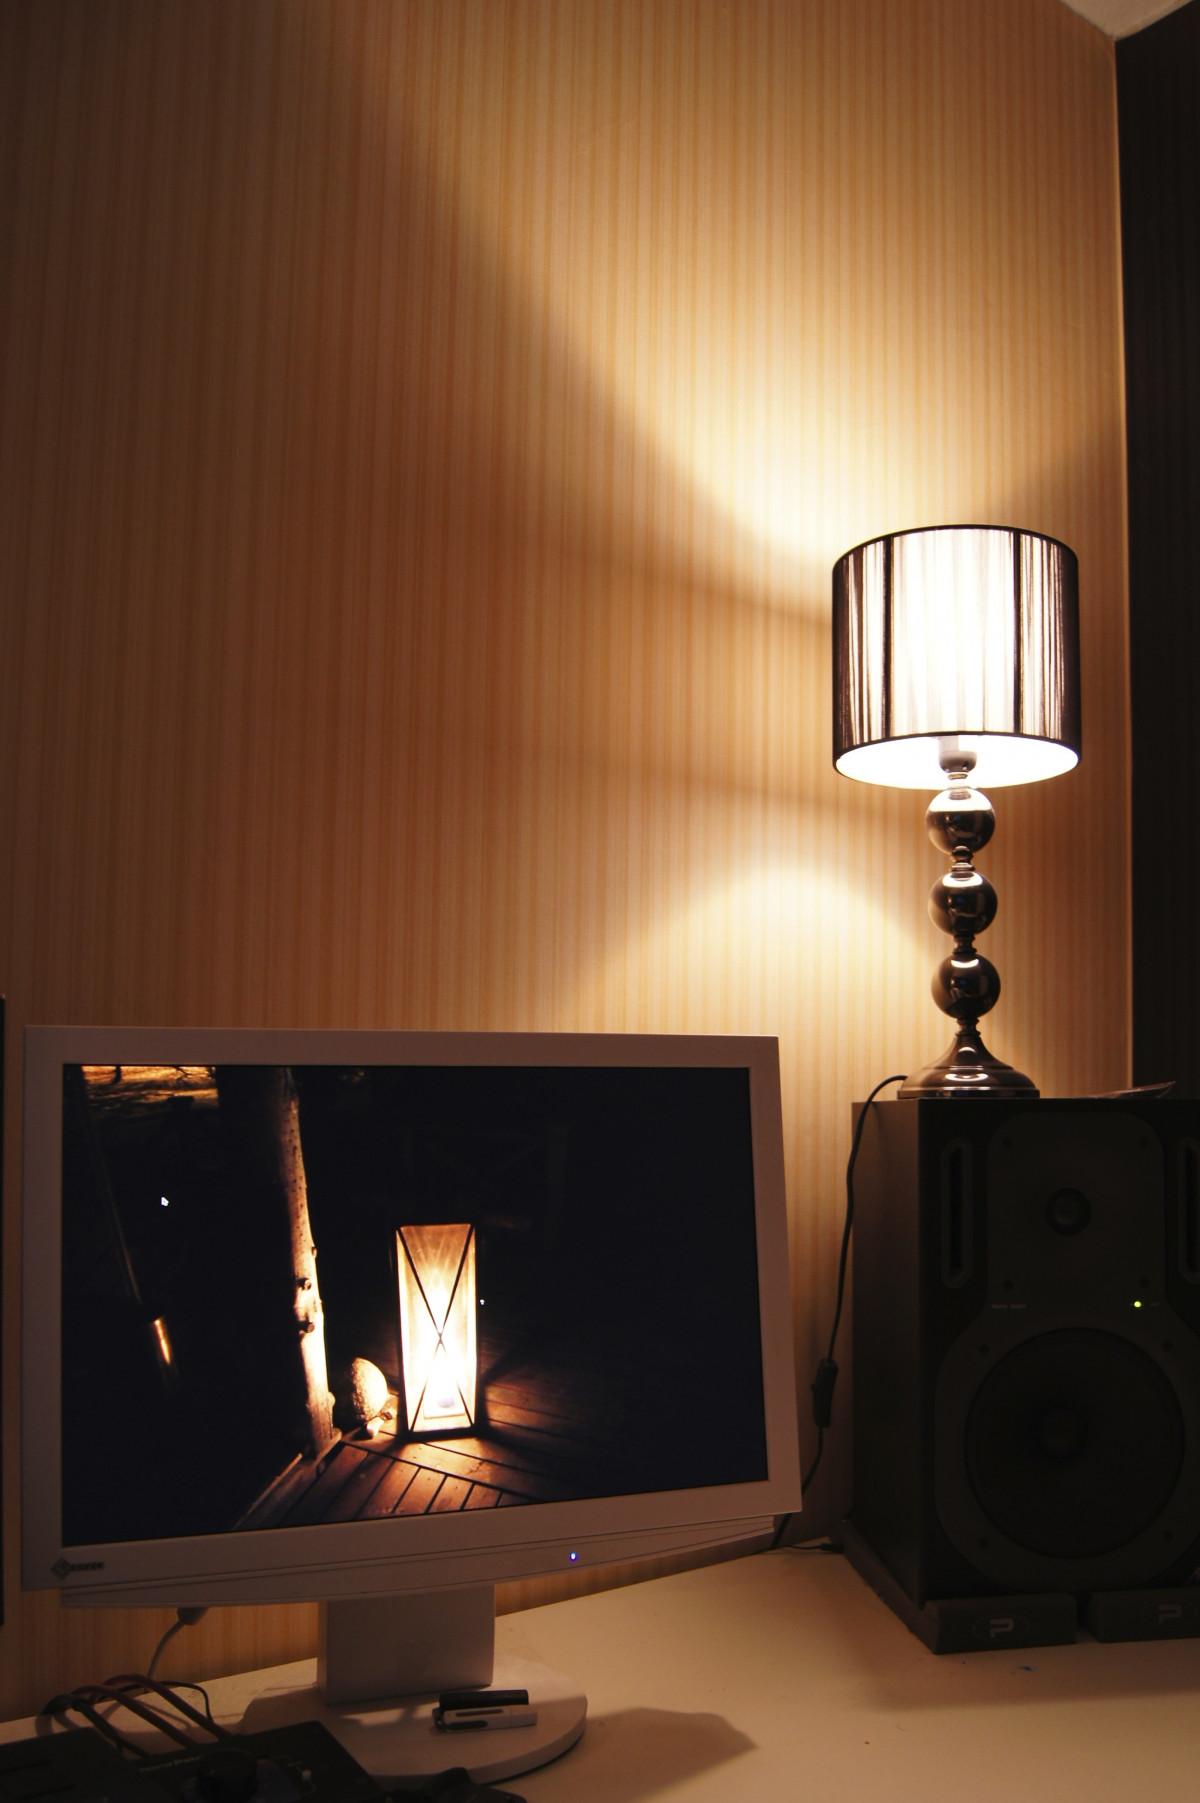 무료 이미지 : 방, 조명, 열정, 불길, 난로 바닥, 장작 난로 3968x2976 ...